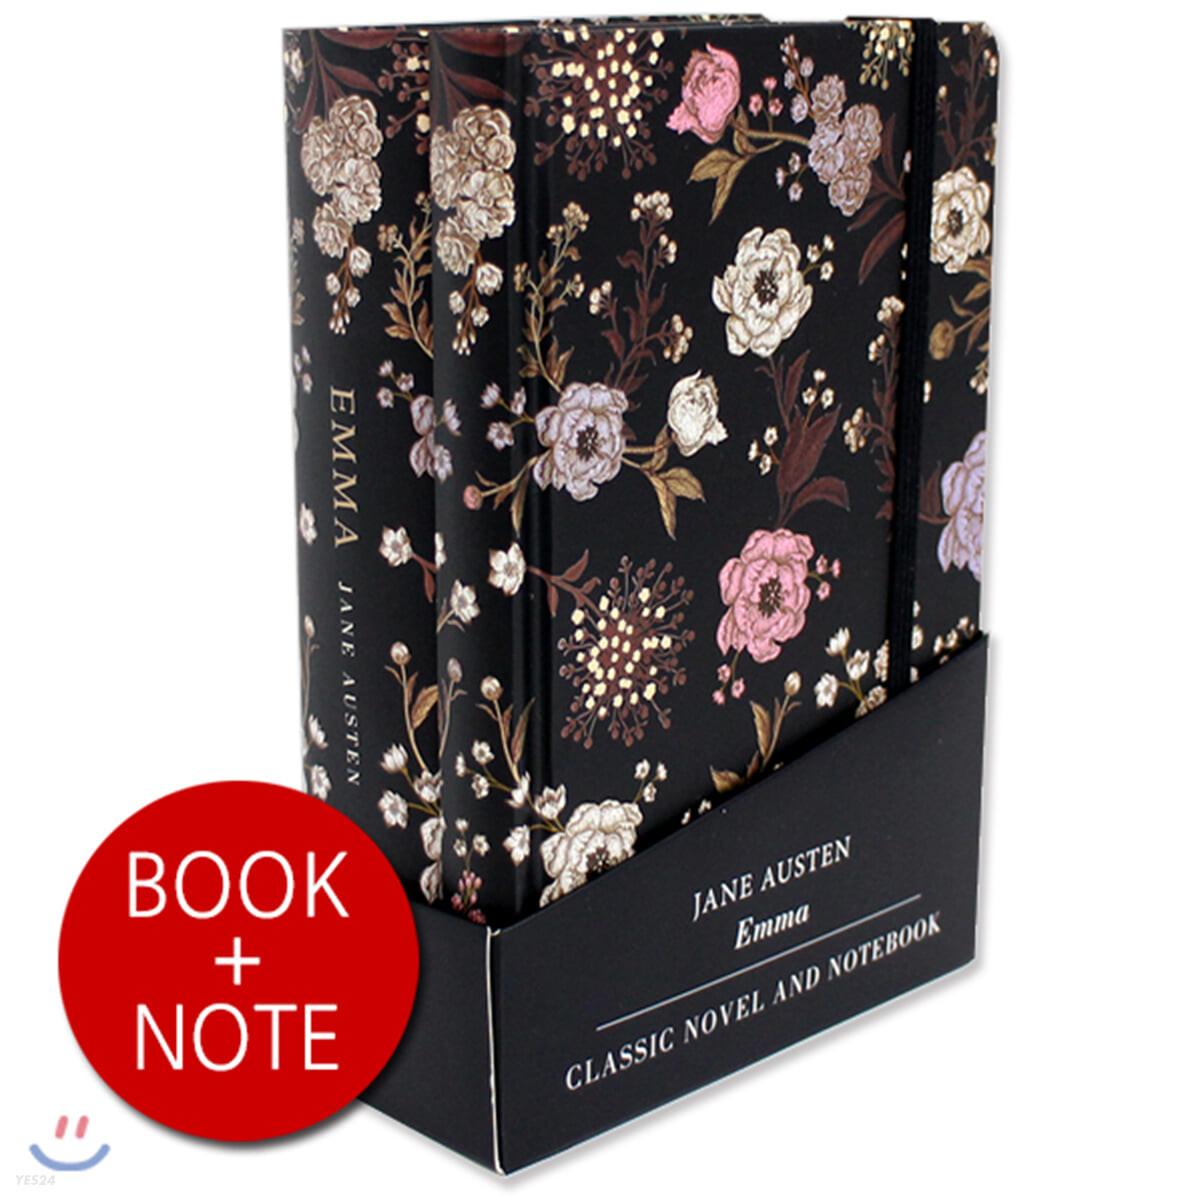 제인 오스틴 엠마 원서 & 노트 기프트 세트 Emma Gift Pack (Novel And Notebook)